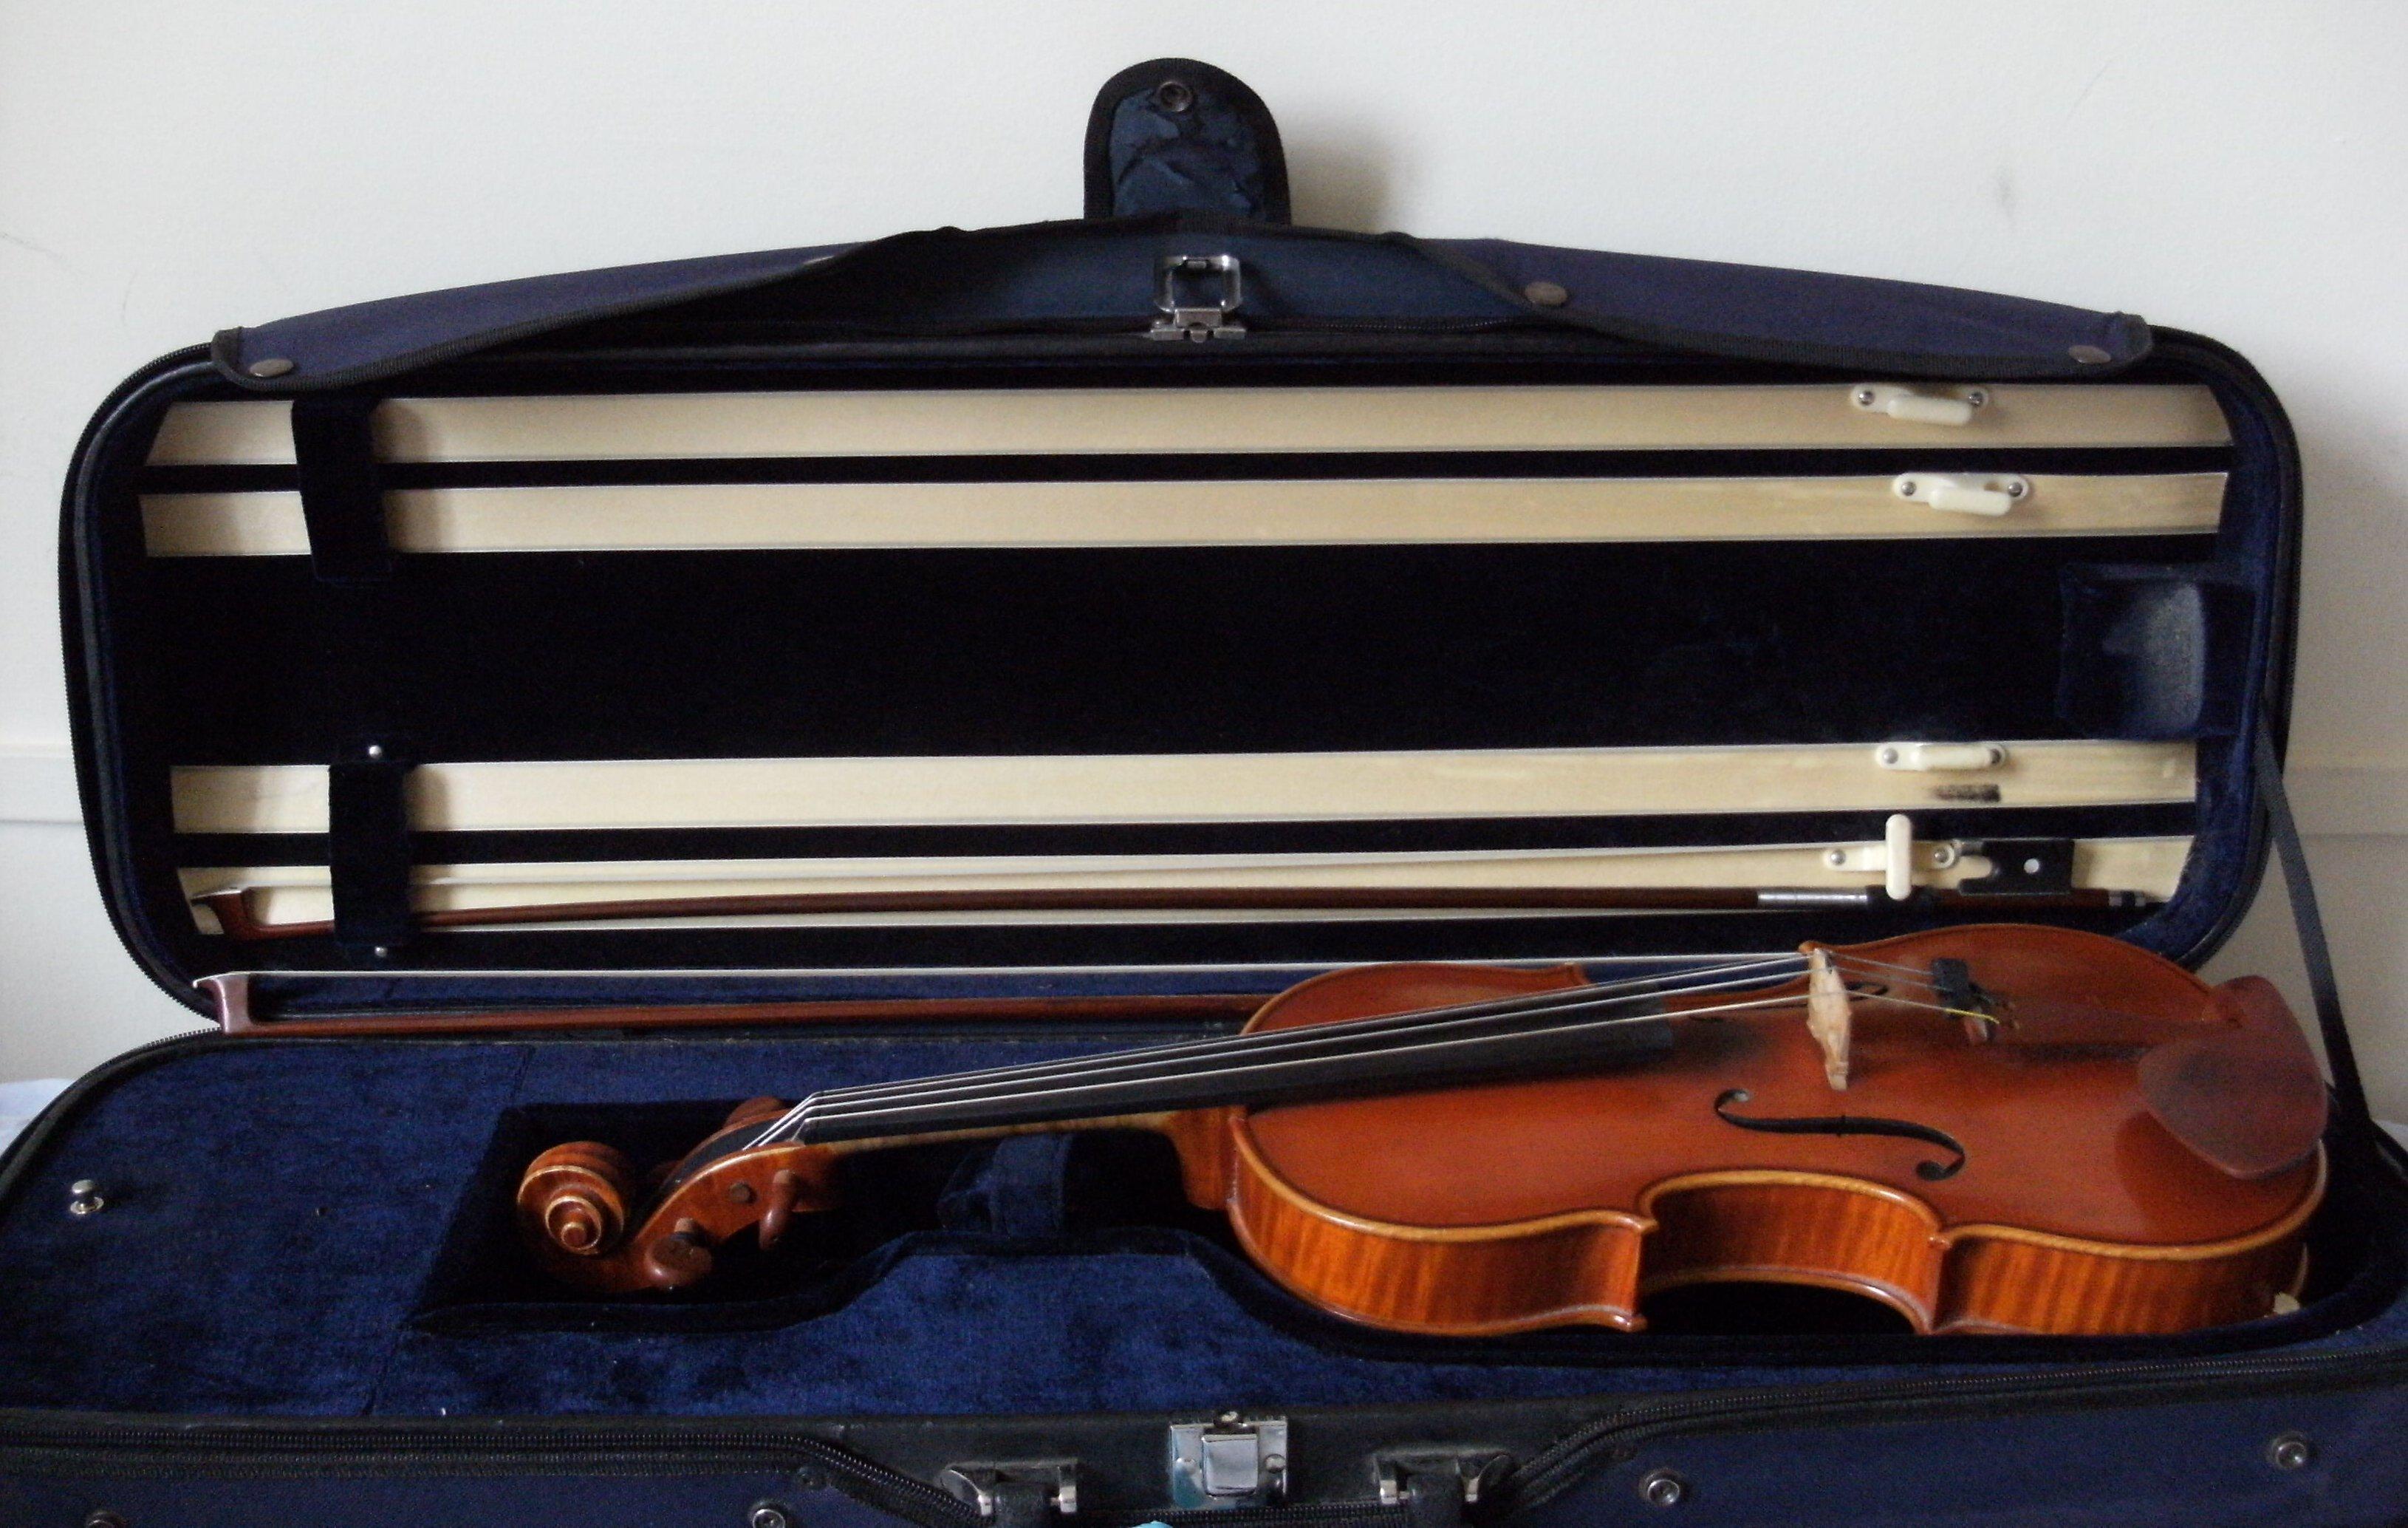 Martin Ash's violin